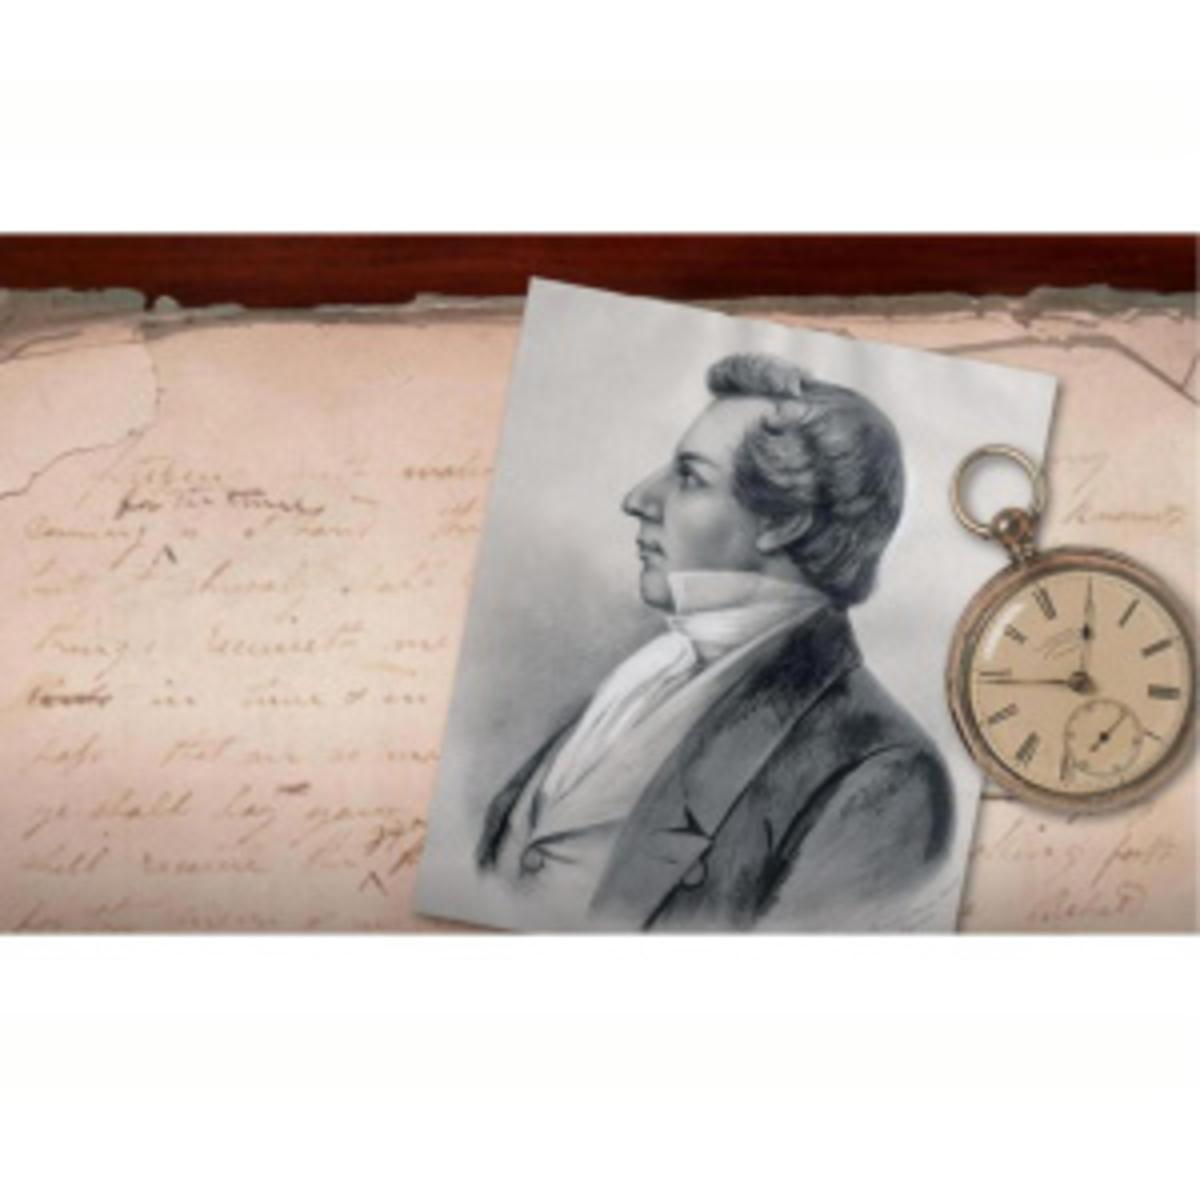 Joseph Smith papers